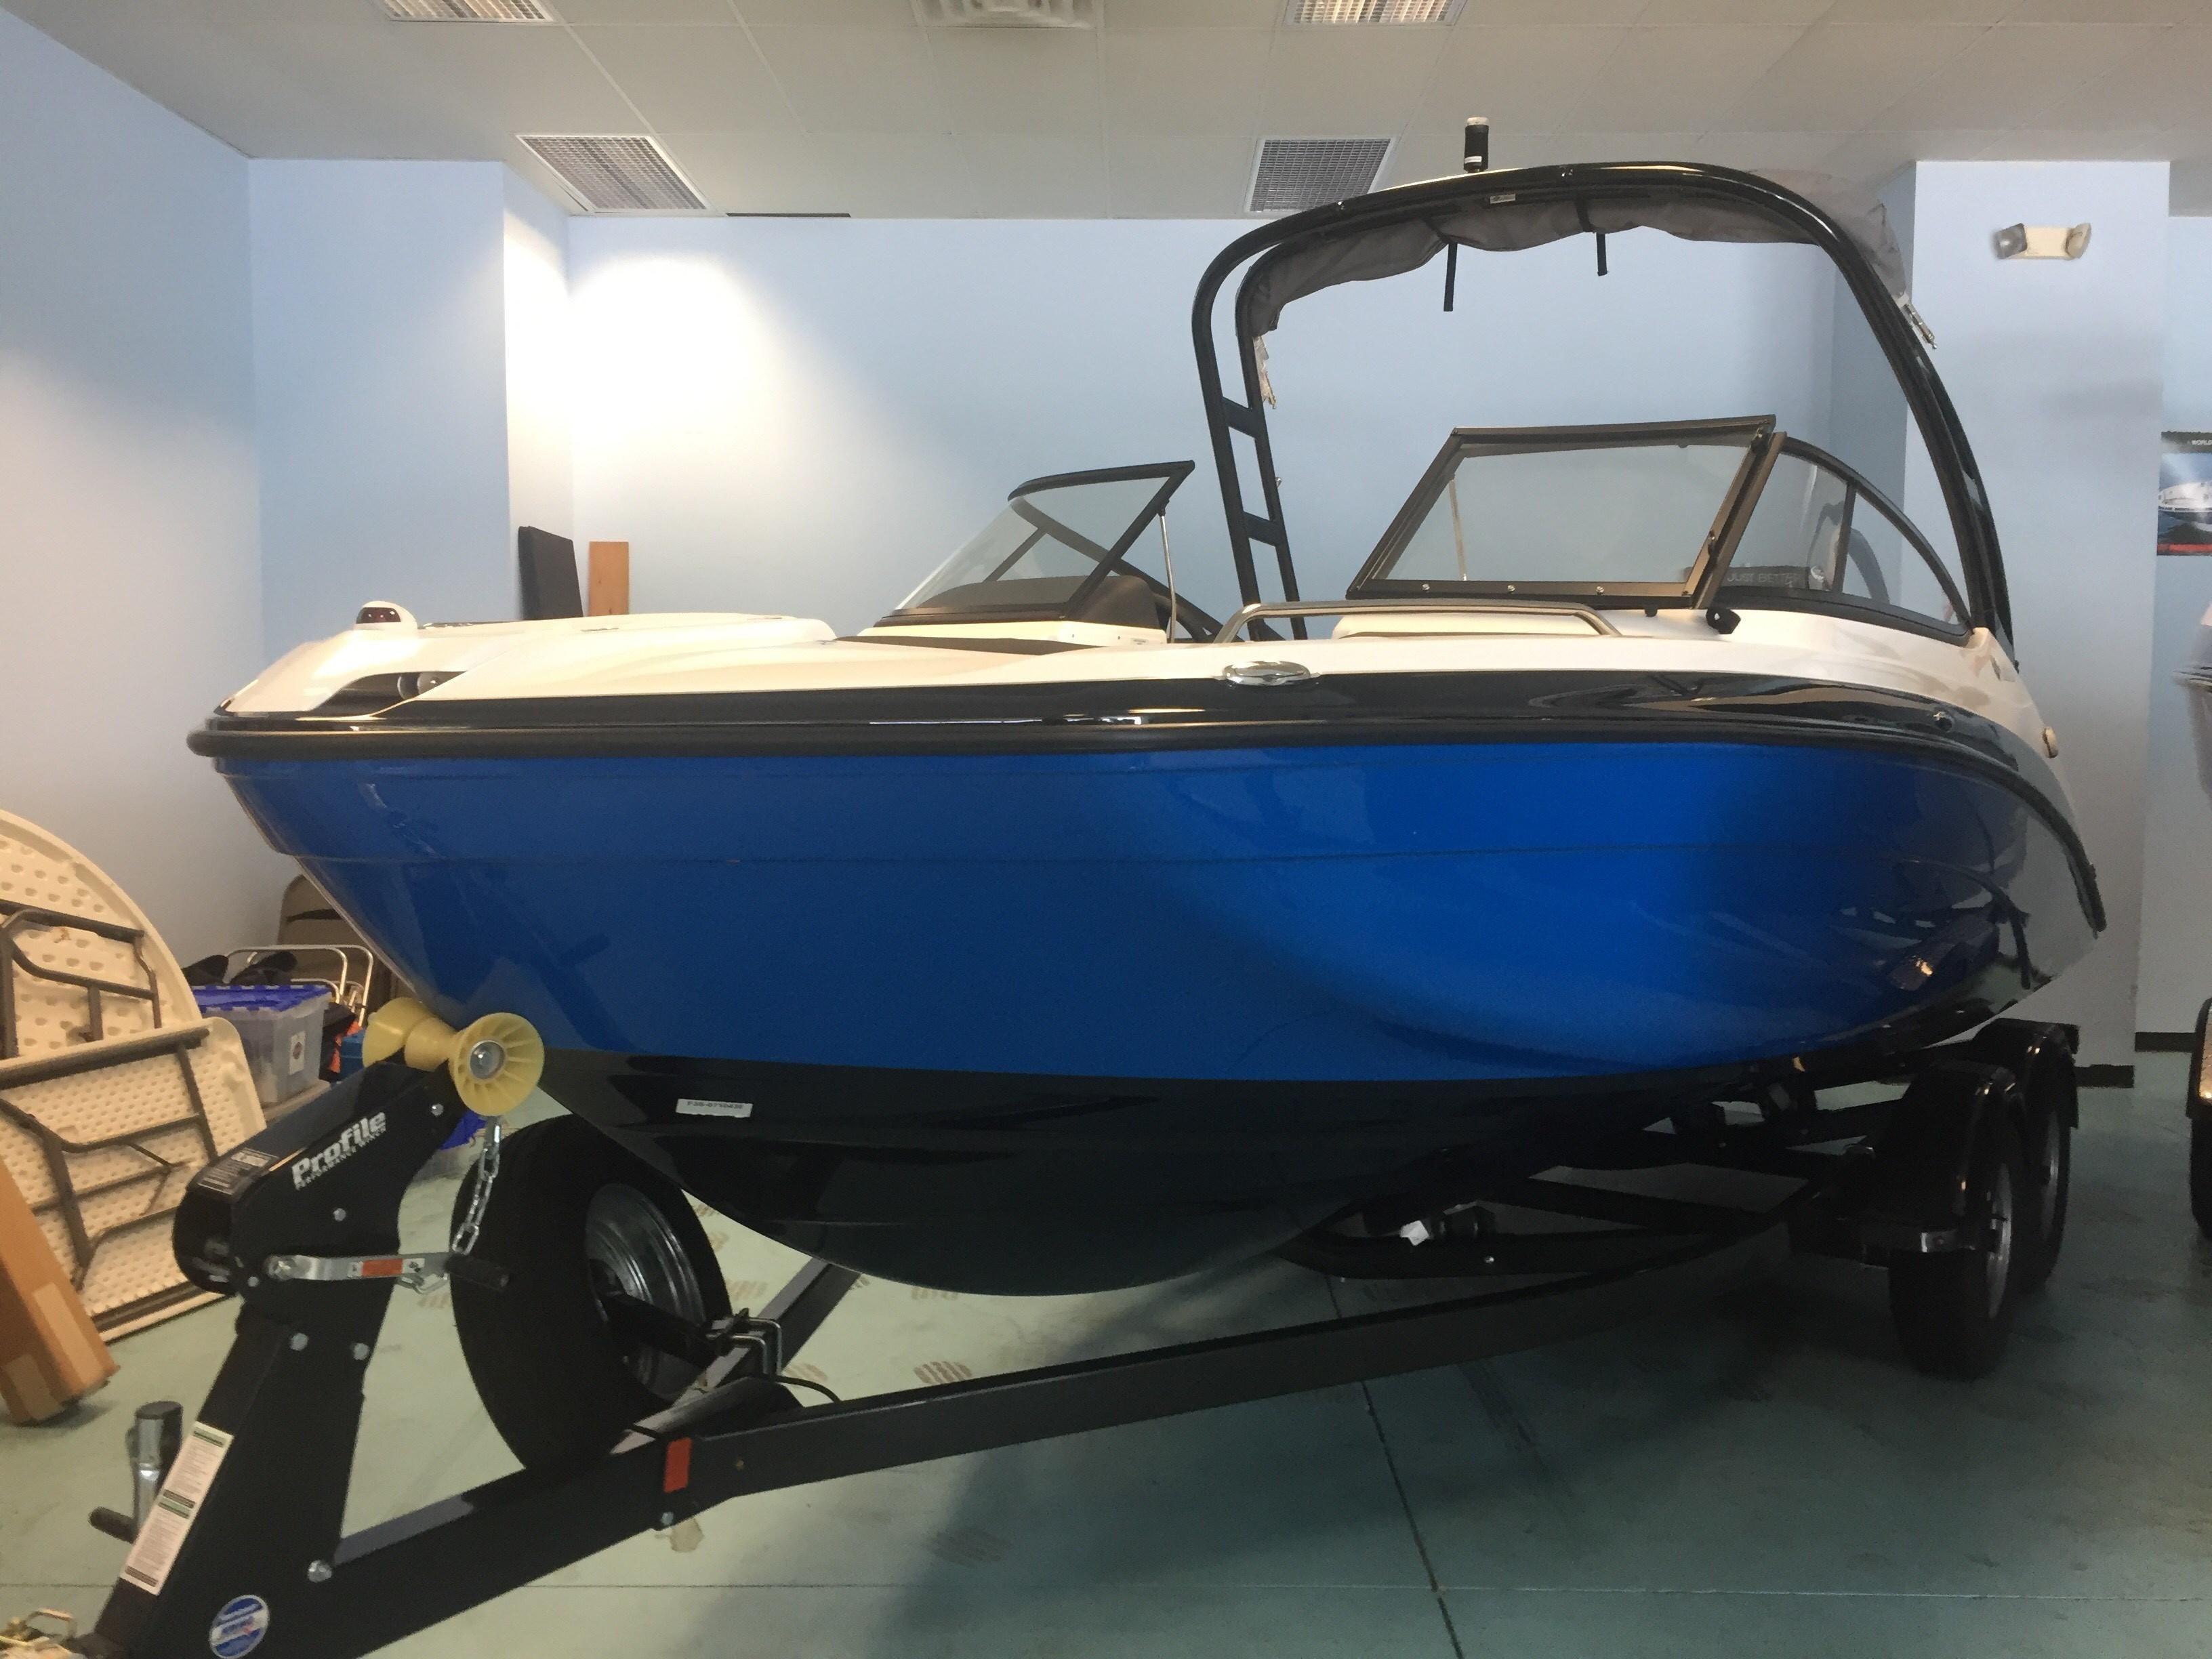 2017 yamaha ar210 power boat for sale for Yamaha marine dealer system